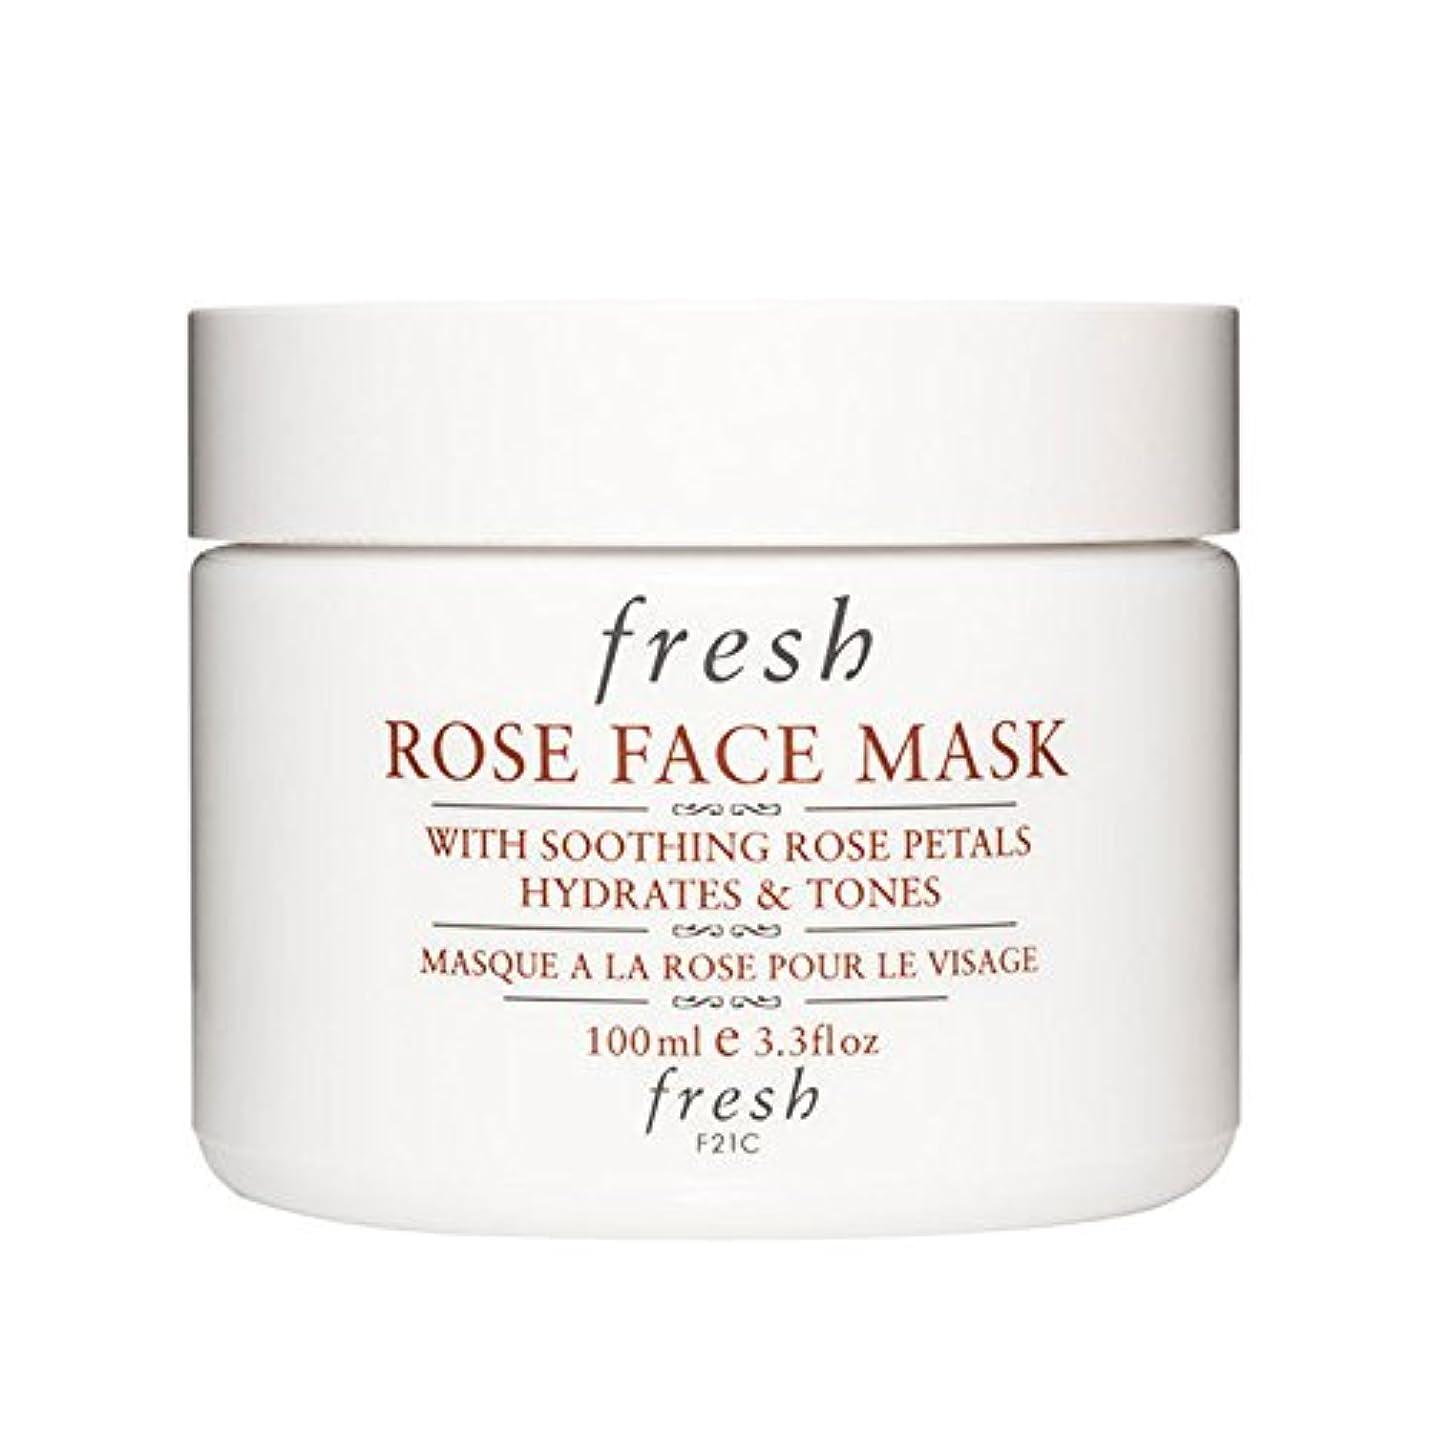 減少気がついて安心させる【並行輸入品】Fresh ROSE FACE MASK (フレッシュ ローズフェイスマスク) 3.4 oz (100g) by Fresh for Women